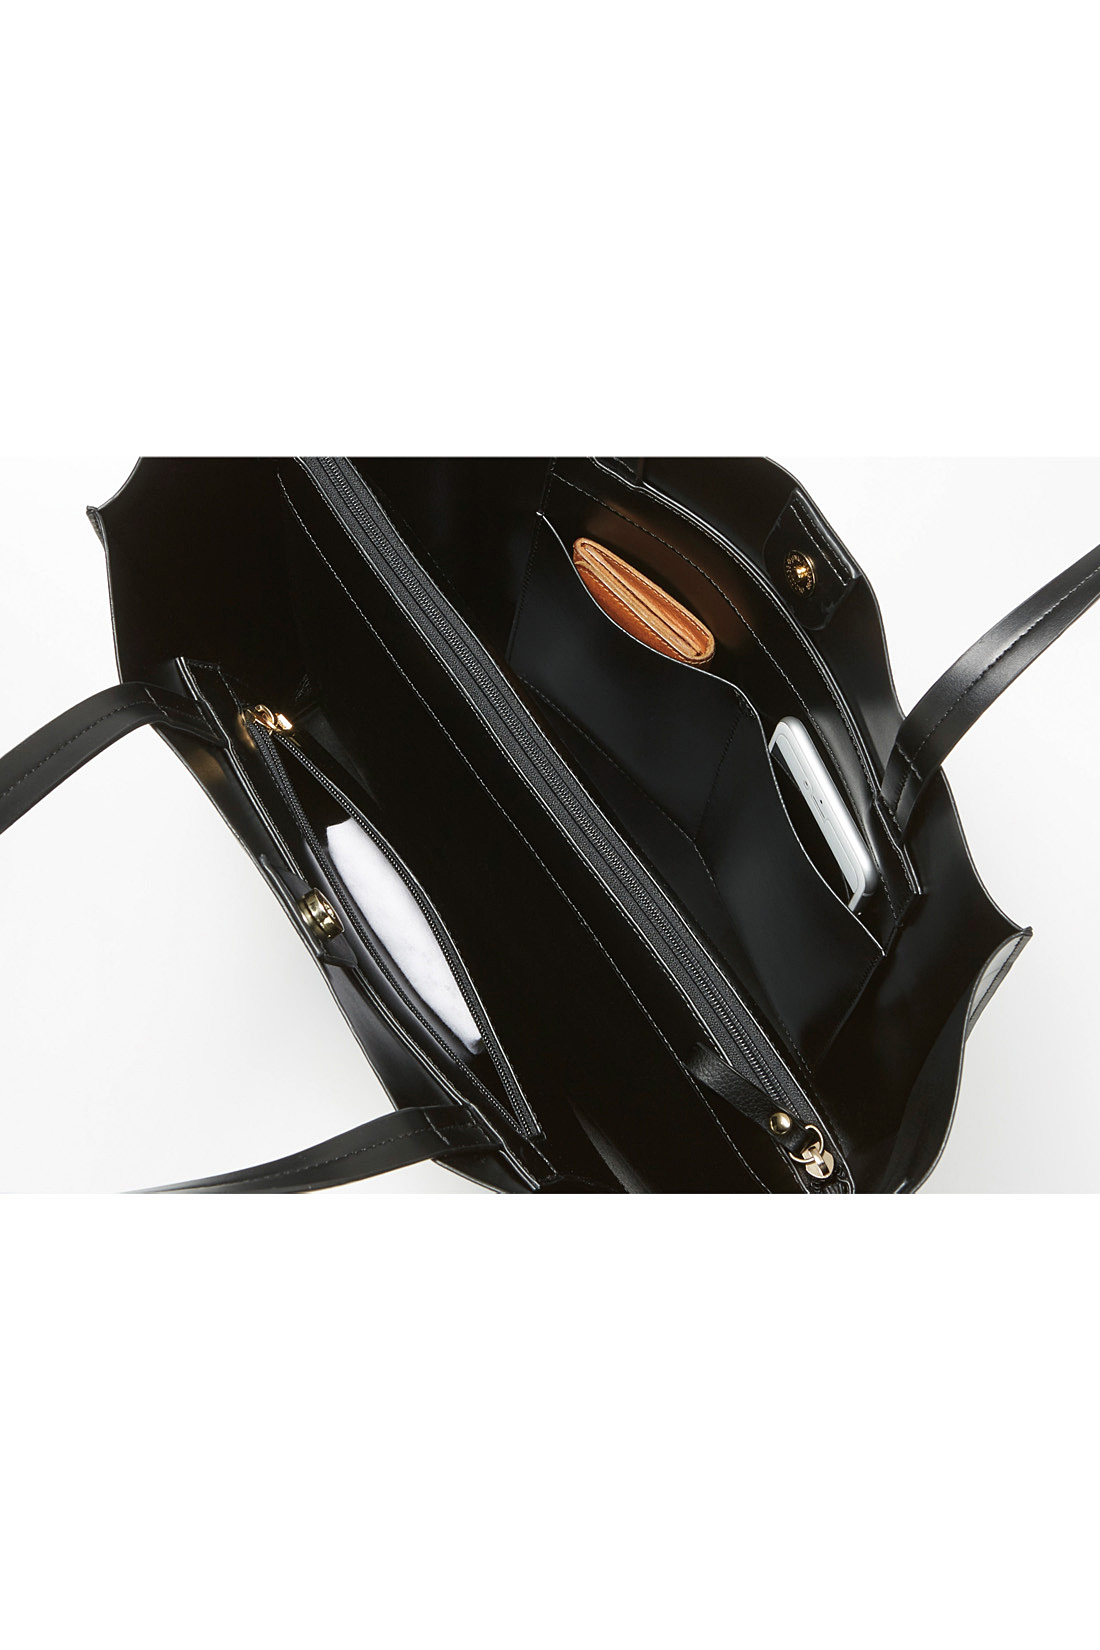 バッグの内側は、付属のインナーポーチが仕切りとして活躍。ファスナーポケットや差し込みポケット付きで便利。